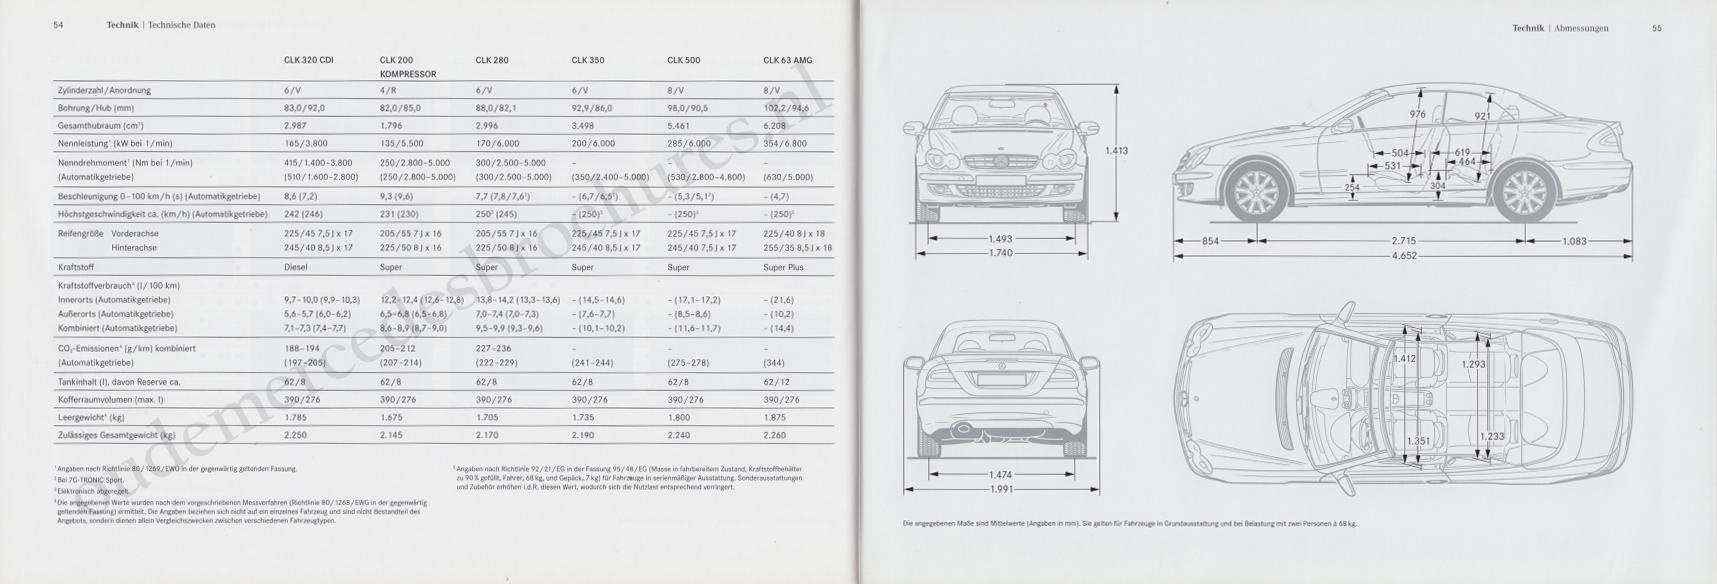 (A209): Catálogo 2008 - alemão 029